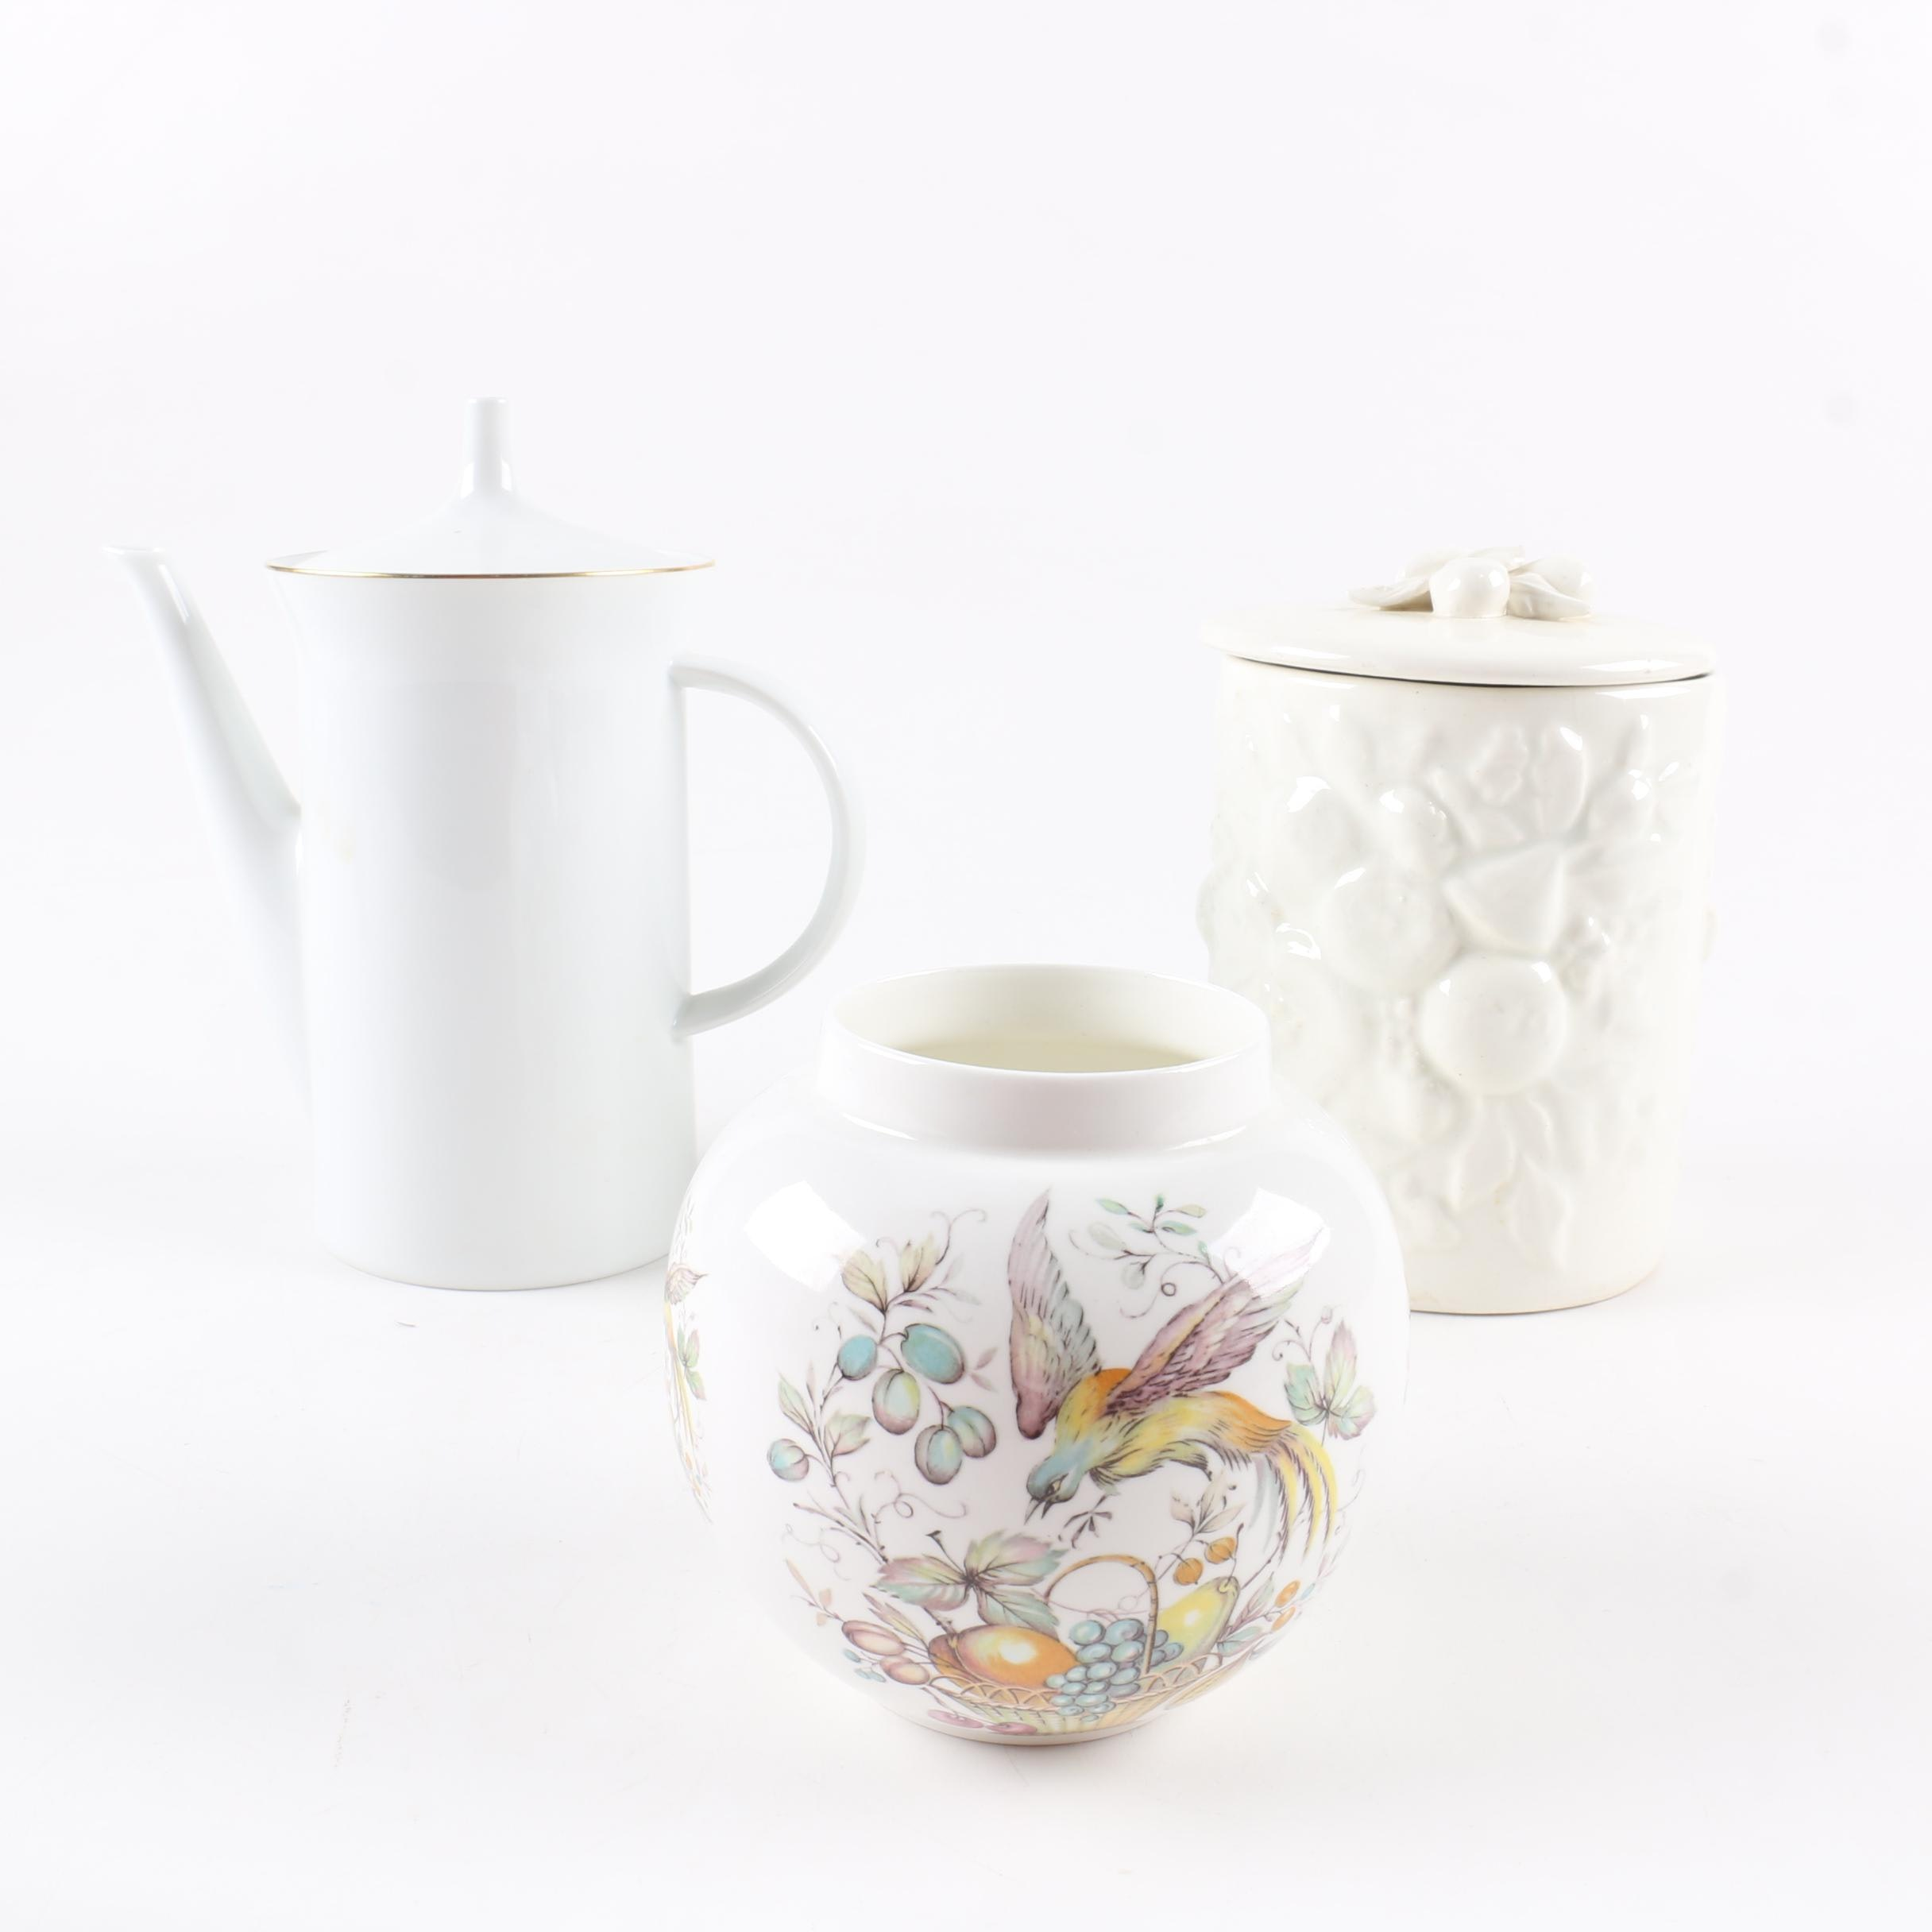 Porcelain and Ceramic Vessels including Rosenthal